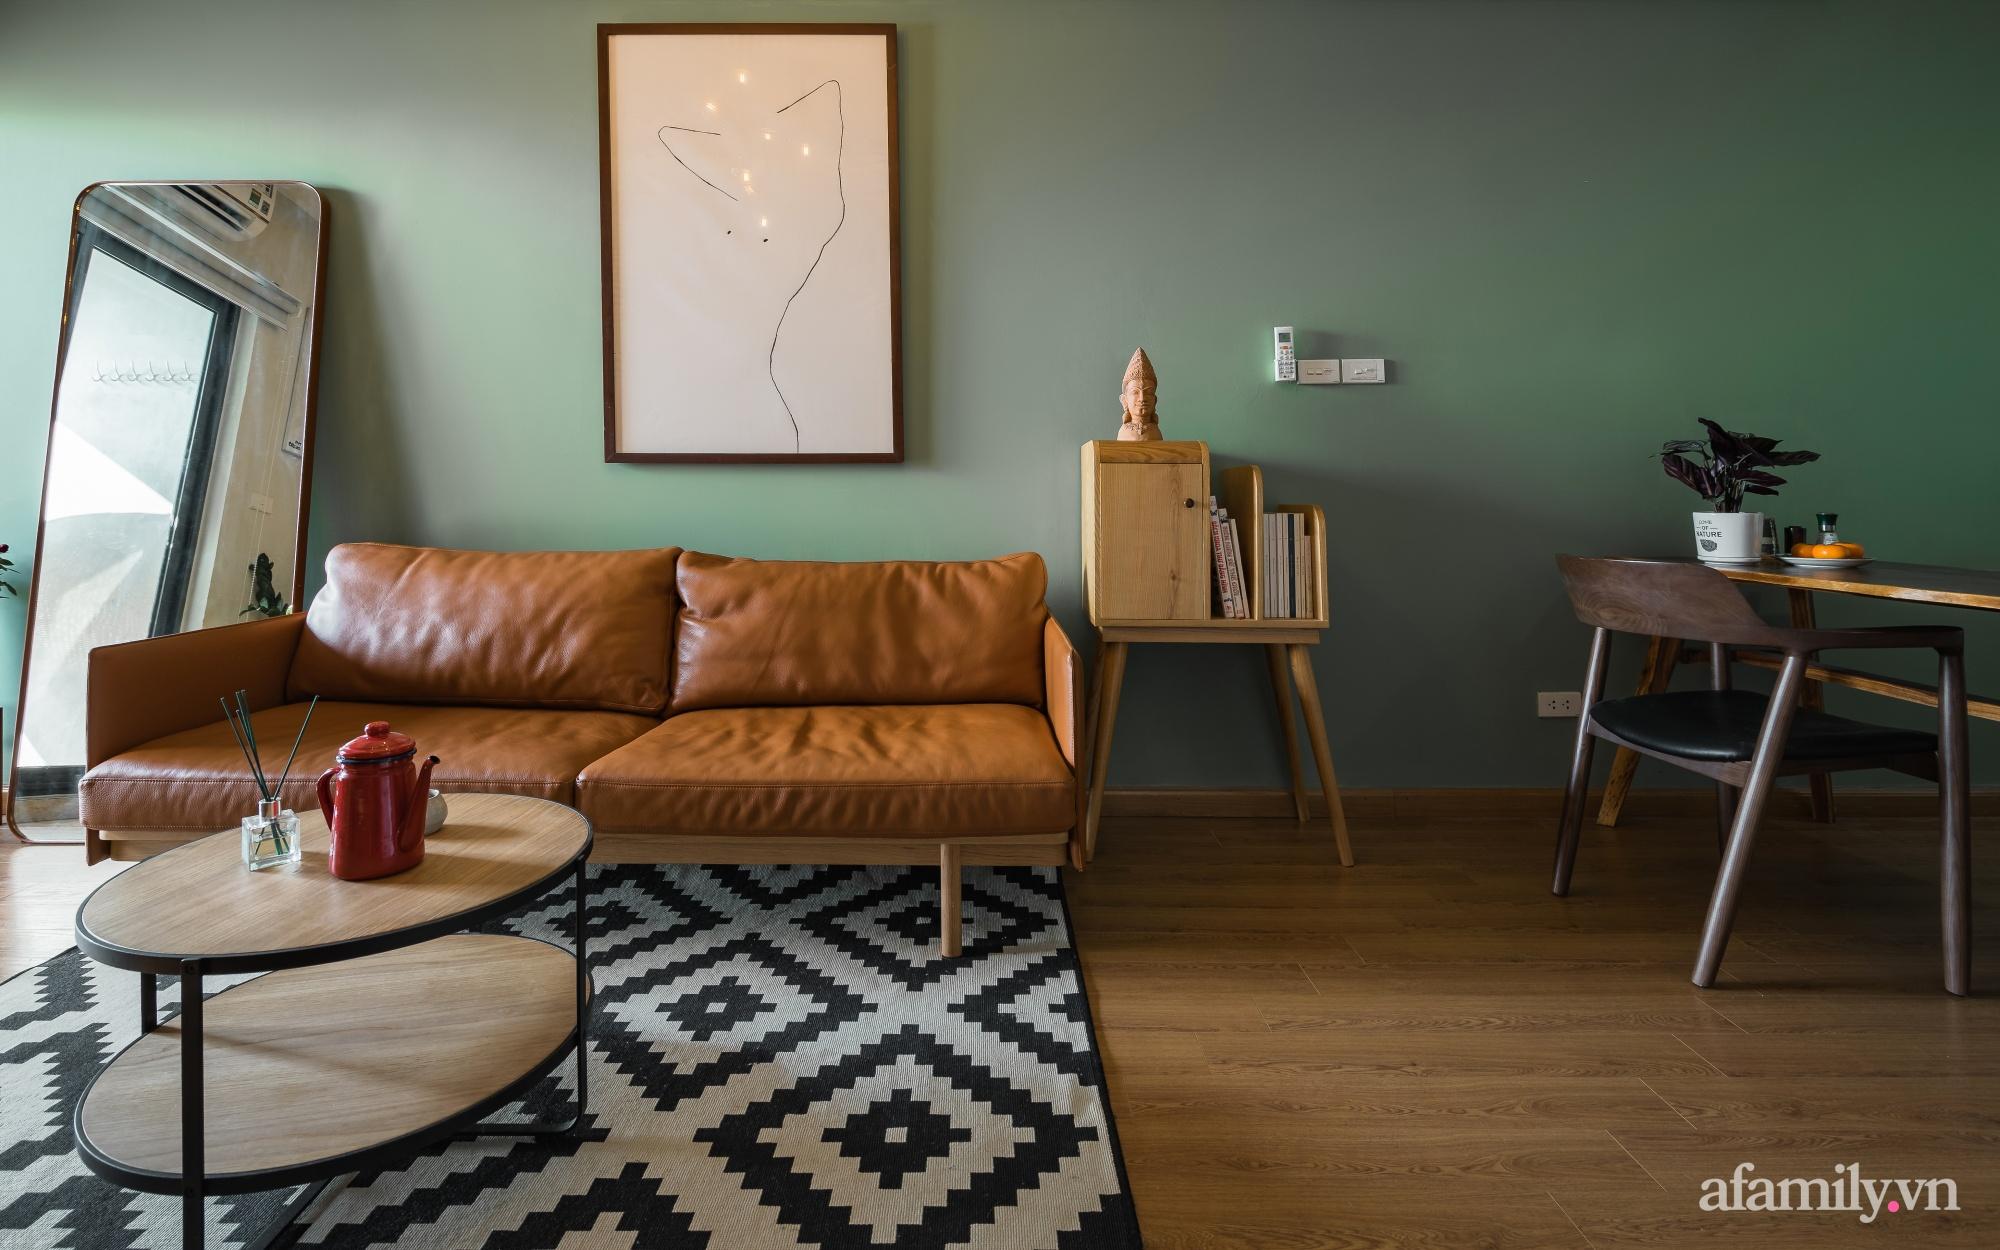 Căn hộ 60m² hoàn thiện nội thất tinh tế dành cho vợ chồng trẻ có chi phí 250 triệu đồng ở Hà Nội - Ảnh 9.